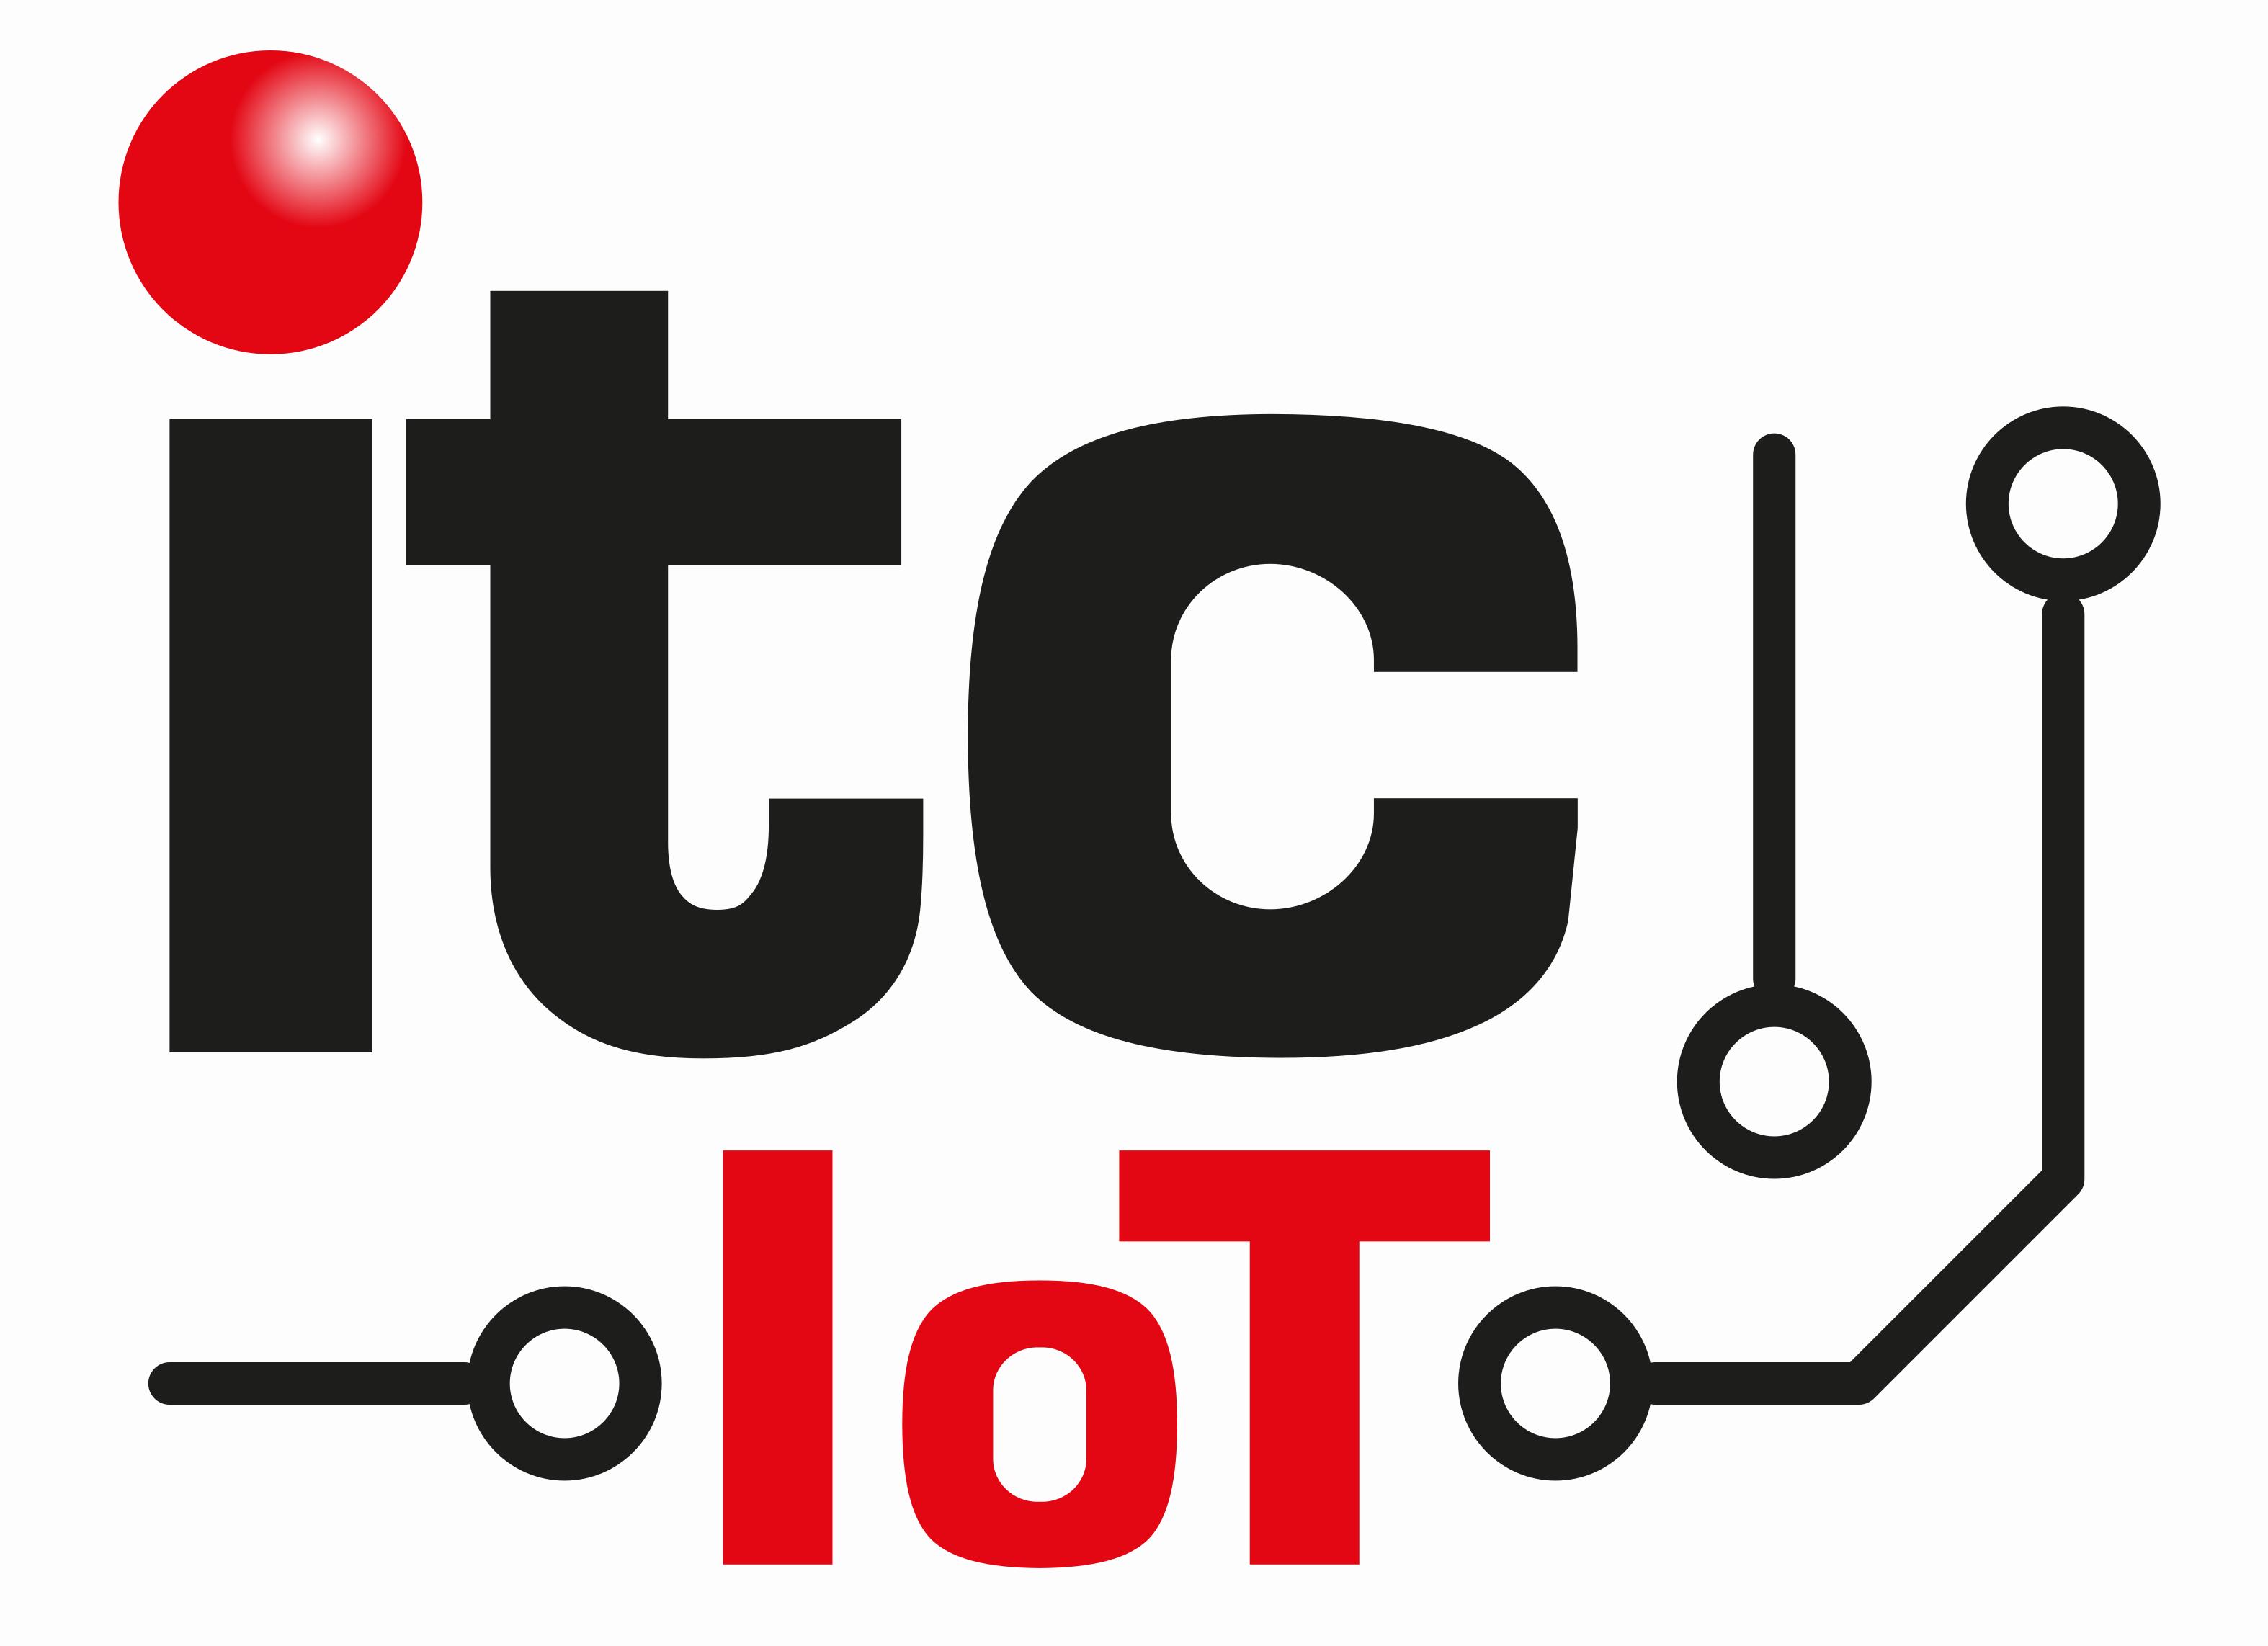 Logo Itc Iot